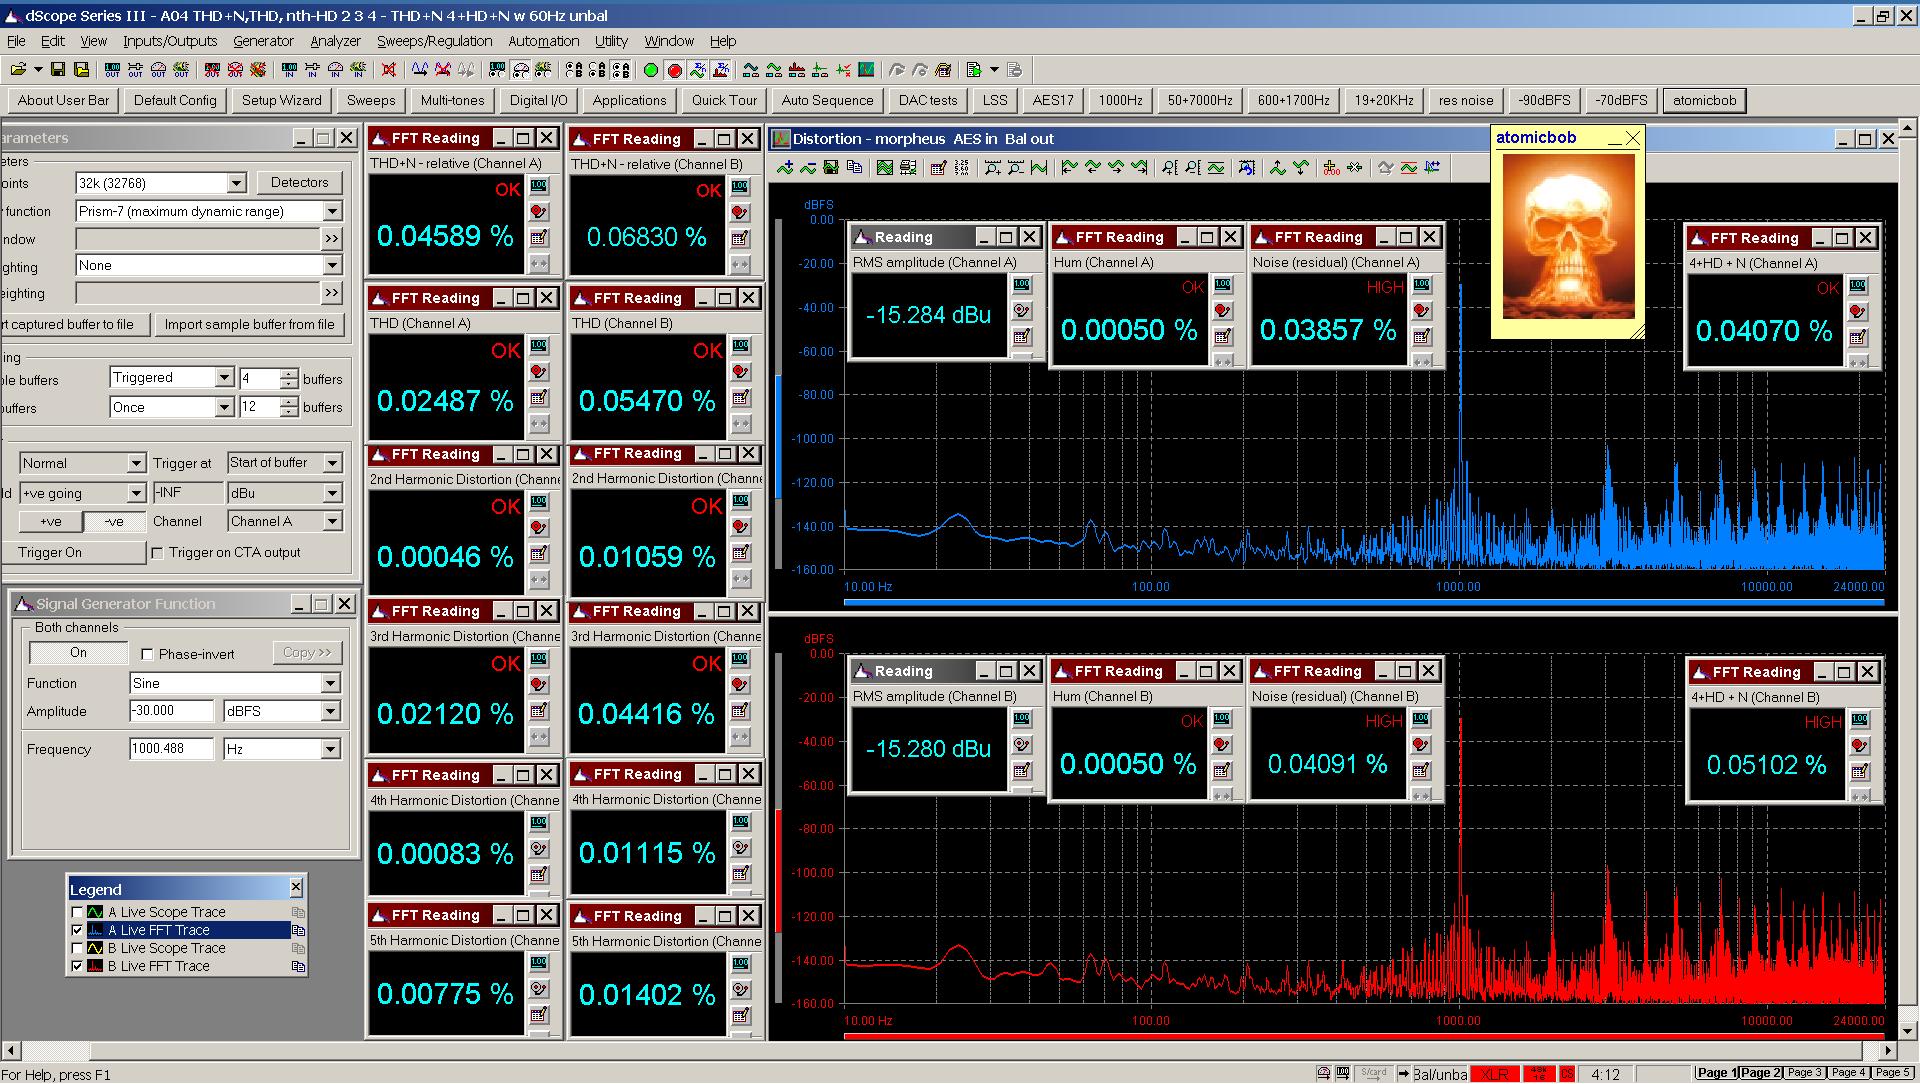 20200723 morpheus A04 THD+N THD nth-HD 4+HD+N 60Hz FFT Bal -30dBFS - AES.png